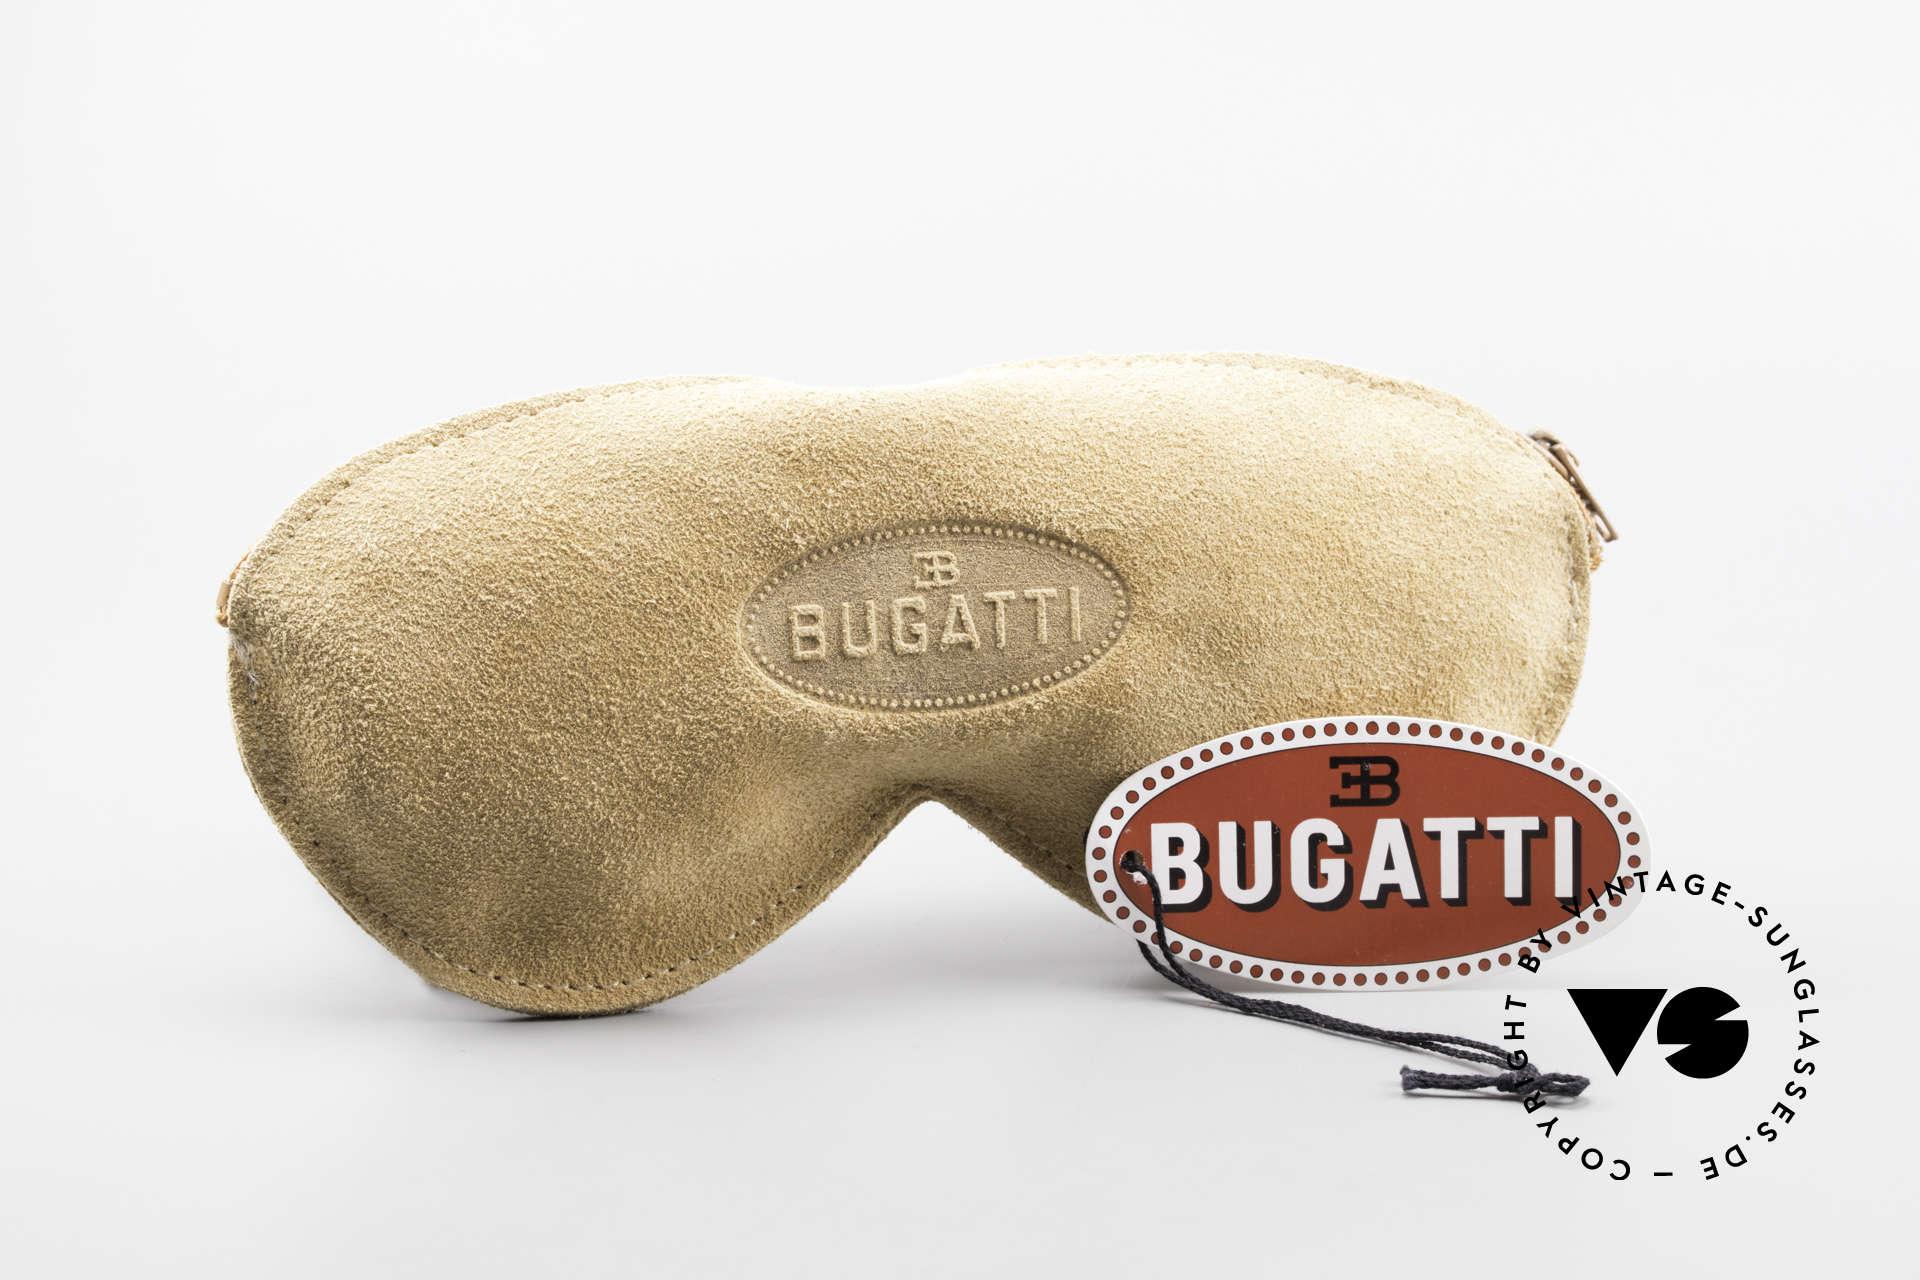 Bugatti 02927 Sunset Sun Lenses 80's Rarity, Size: large, Made for Men